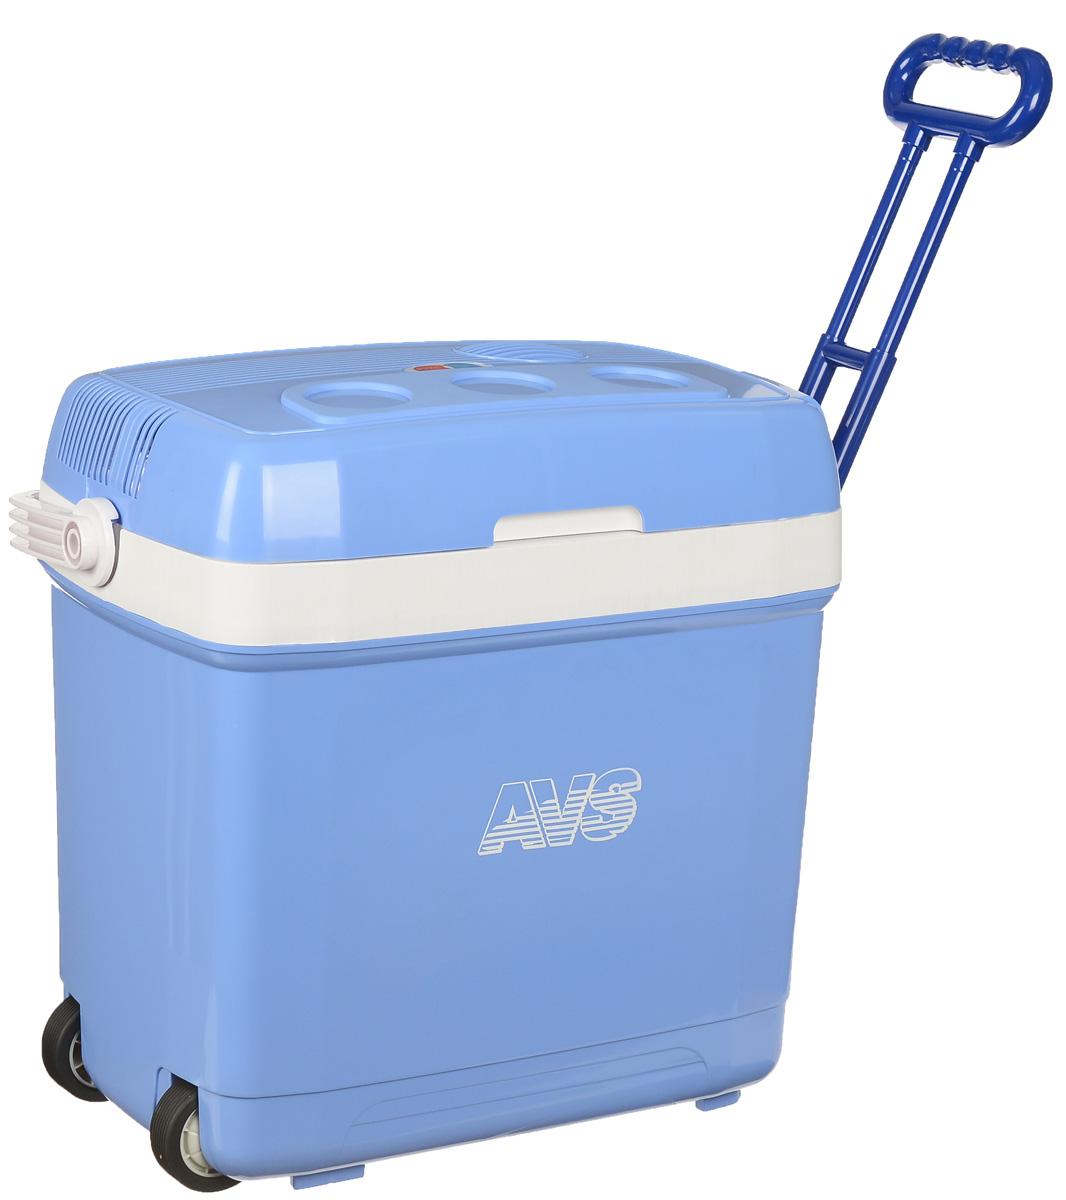 Холодильник автомобильный AVS CC-30B, с ручкой и колесиками, 30 лA80553SАвтомобильный холодильник AVS CC-30В - это незаменимый аксессуар для всех автомобилистов, которые долгое время проводят в дороге. Позволяет сохранить продукты и напитки, которые вы собираетесь взять в дальнюю поездку. Холодильник изготовлен из высокопрочной пластмассы. Вся изоляция выполнена из экологически чистых материалов. Устройство холодильника позволяет переключаться в режим нагрева с увеличением температуры внутри камеры до 65°С. Работает без компрессора и имеет встроенный контроль за состоянием аккумулятора автомобиля. Плотно прилегающая и фиксируемая крышка позволяет использовать холодильник с наибольшим КПД. Для наилучшего рекомендуется использовать аккумуляторы холода AVS. Питание: 220 В/12 В. Мощность в режиме охлаждения: 42 Вт. Емкость: 30 л. Принцип работы по эффекту Пельтье. Максимальное охлаждение: 15-18°С от температуры окружающей среды. Максимальный нагрев: до 65°С. Минимальная температура охлаждения: +5°С (при...